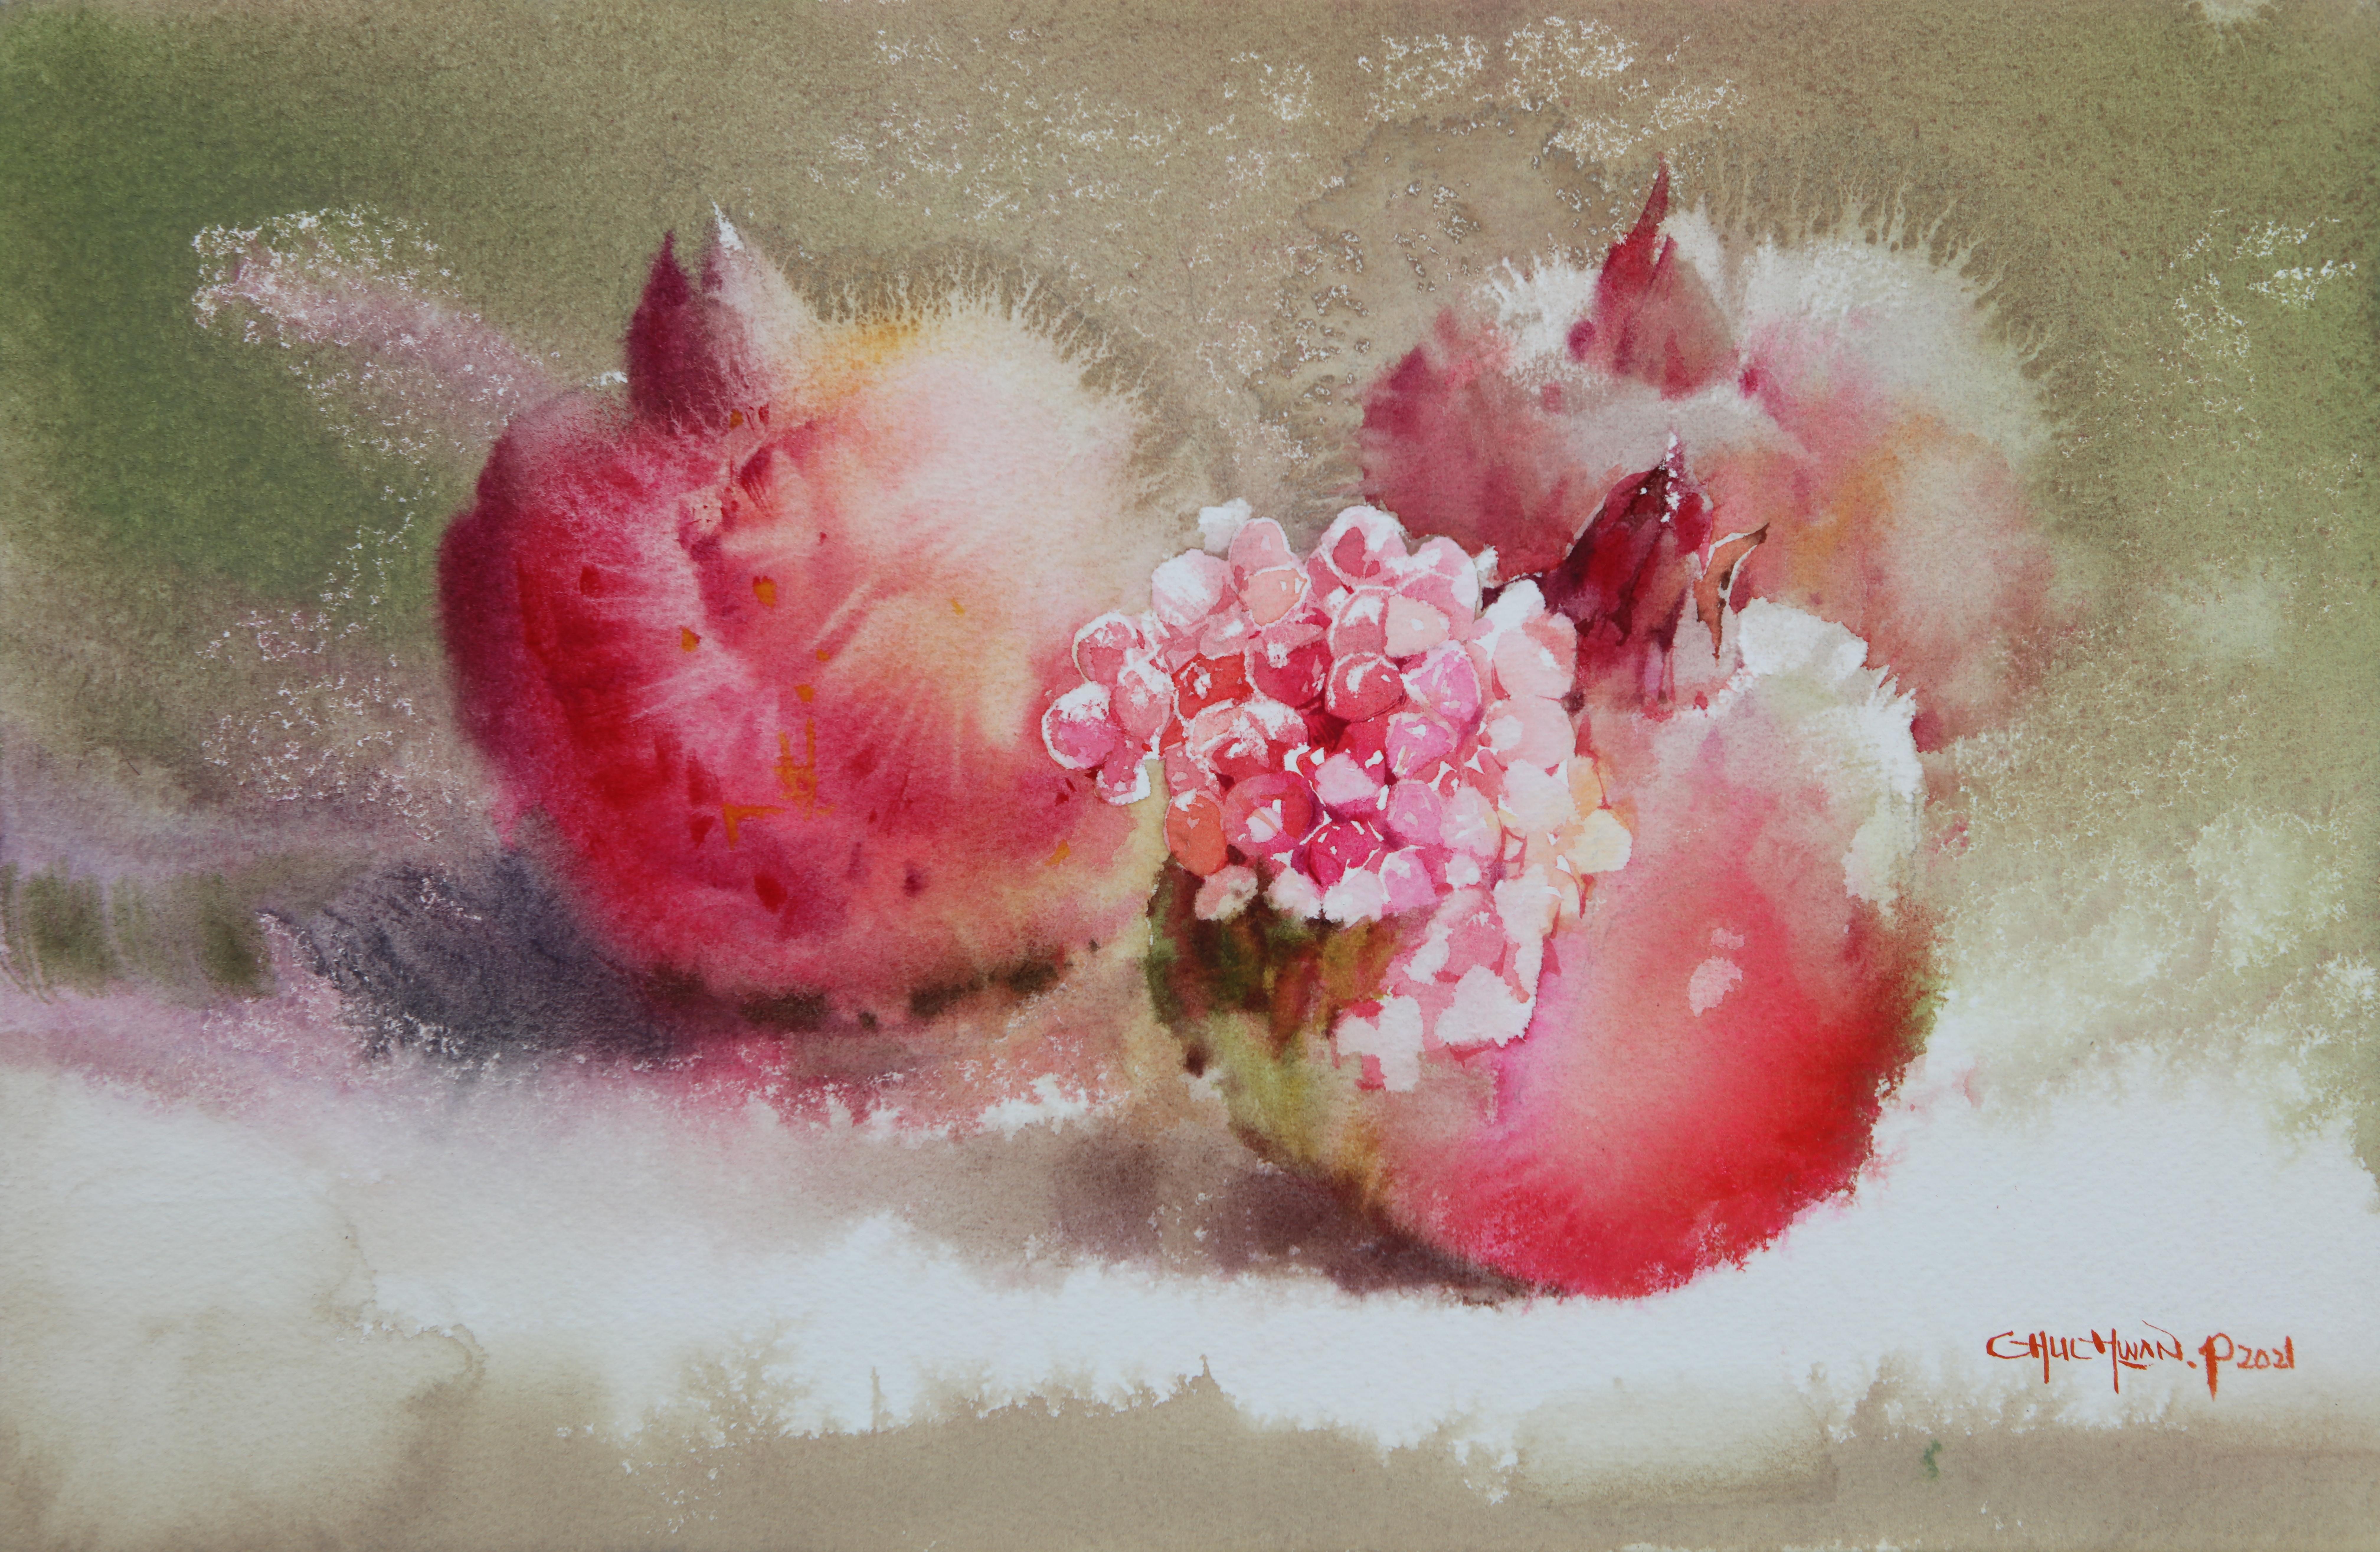 003, 박철환, Pomegranate, 27.3 x 40